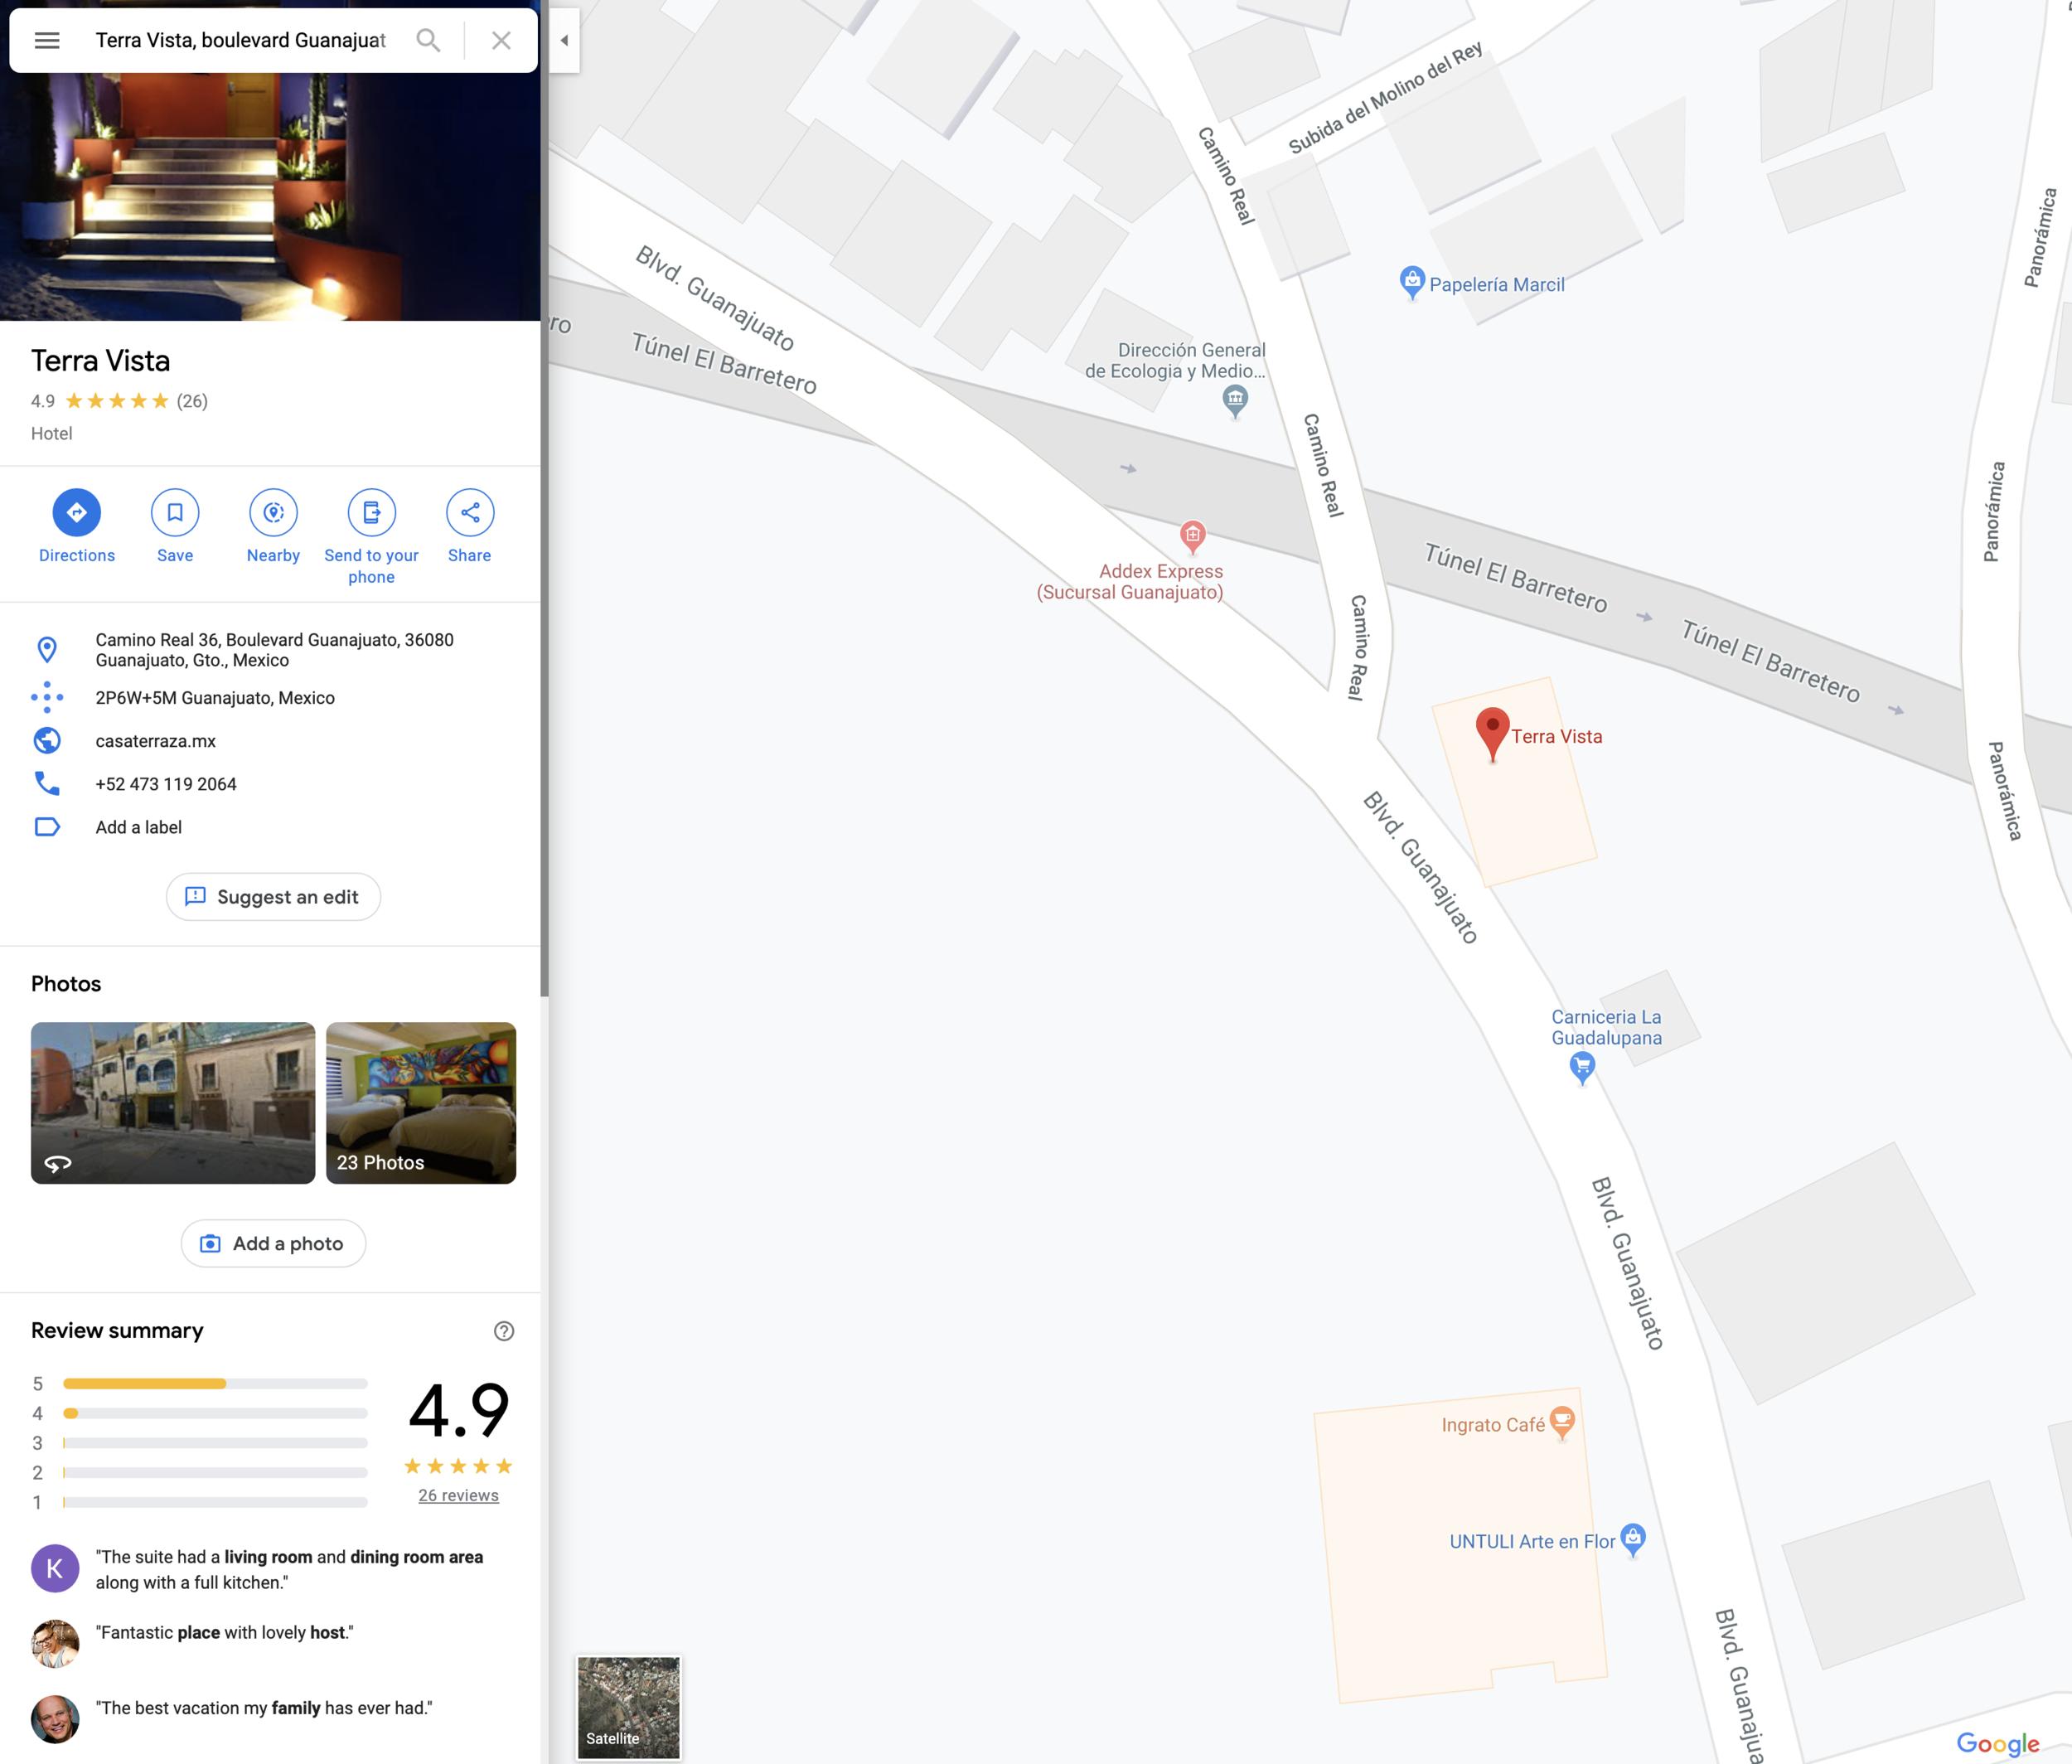 Camino Real #36, Boulevard Guanajuato, Col. Molino del Rey, Guanajuato, Gto - Click the image to open in google maps